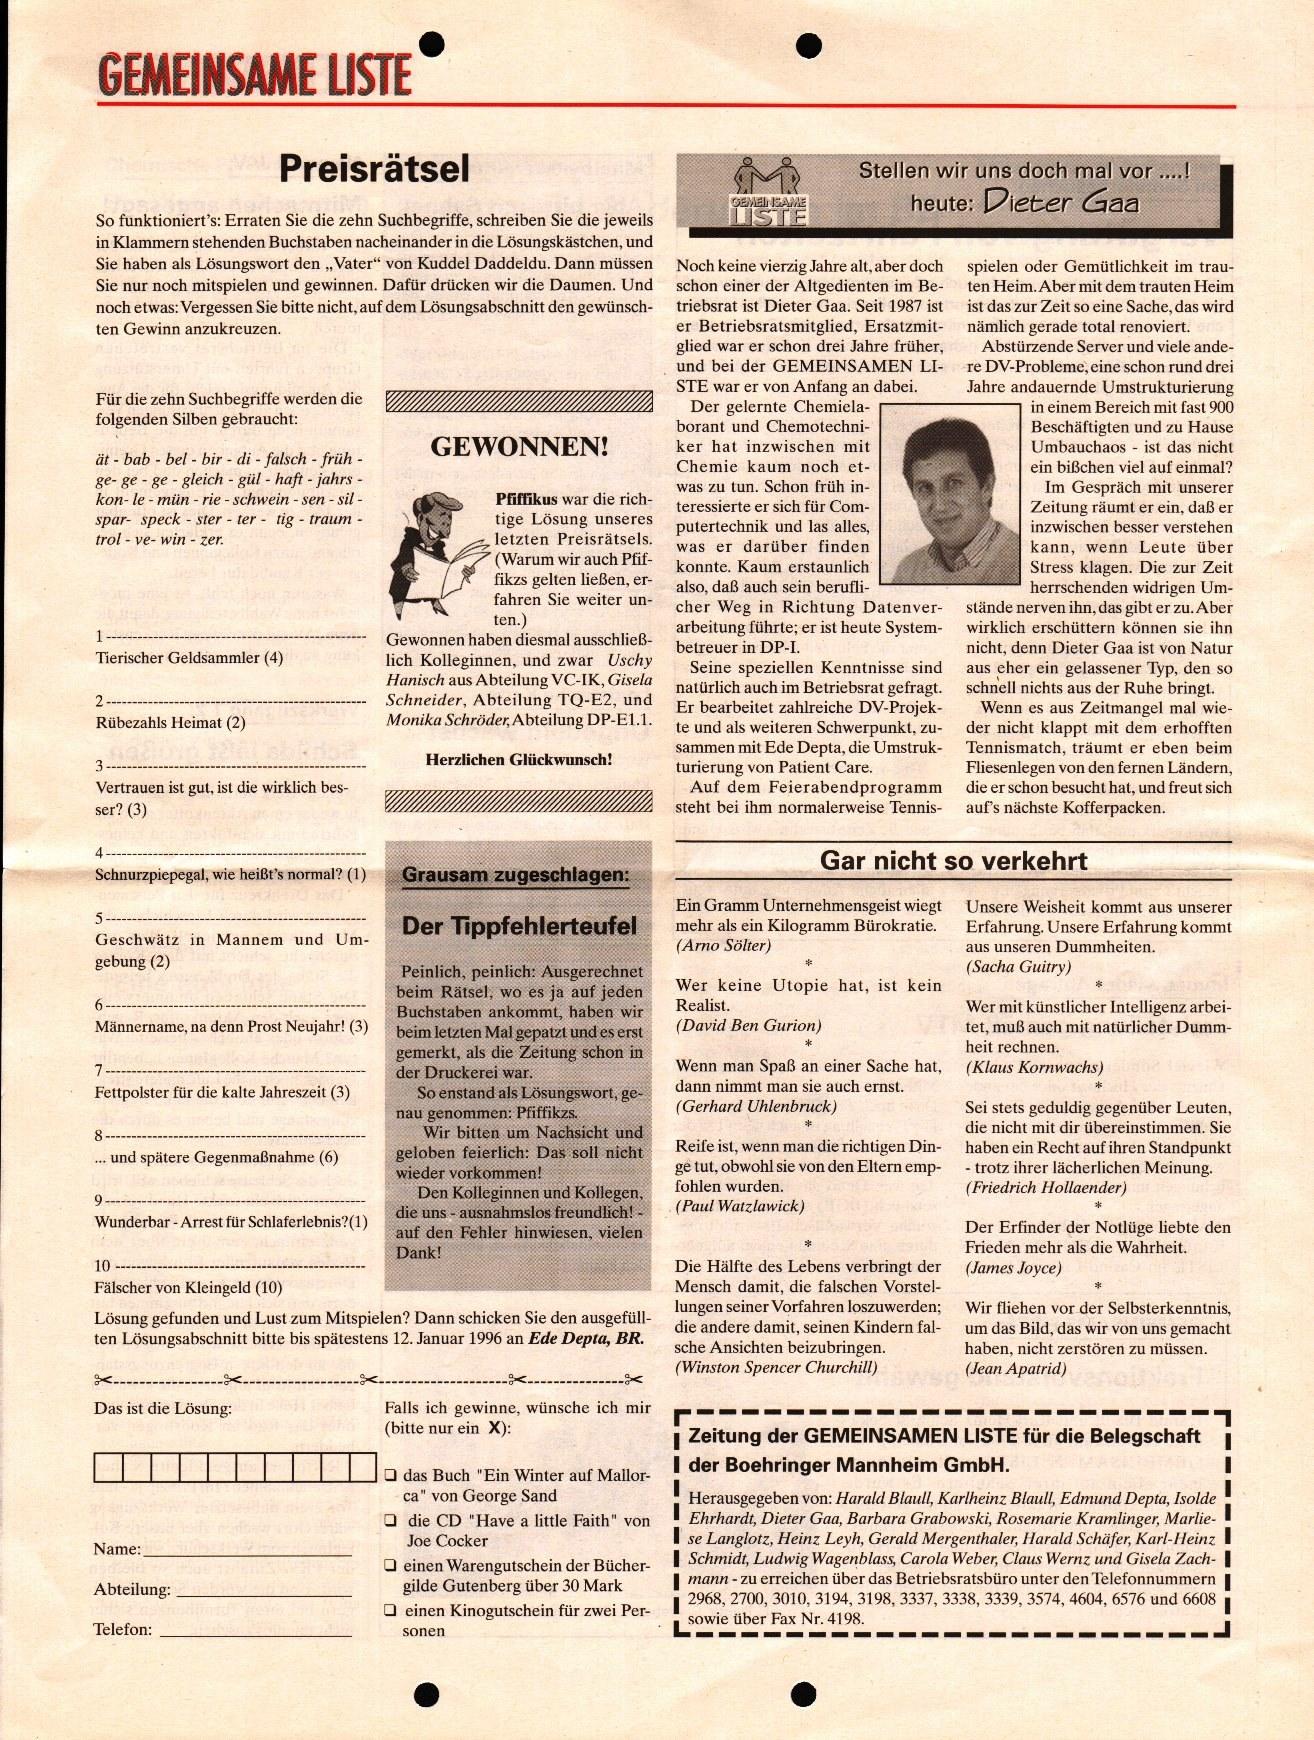 Mannheim_Boehringer_Gemeinsame_Liste_1995_04_04